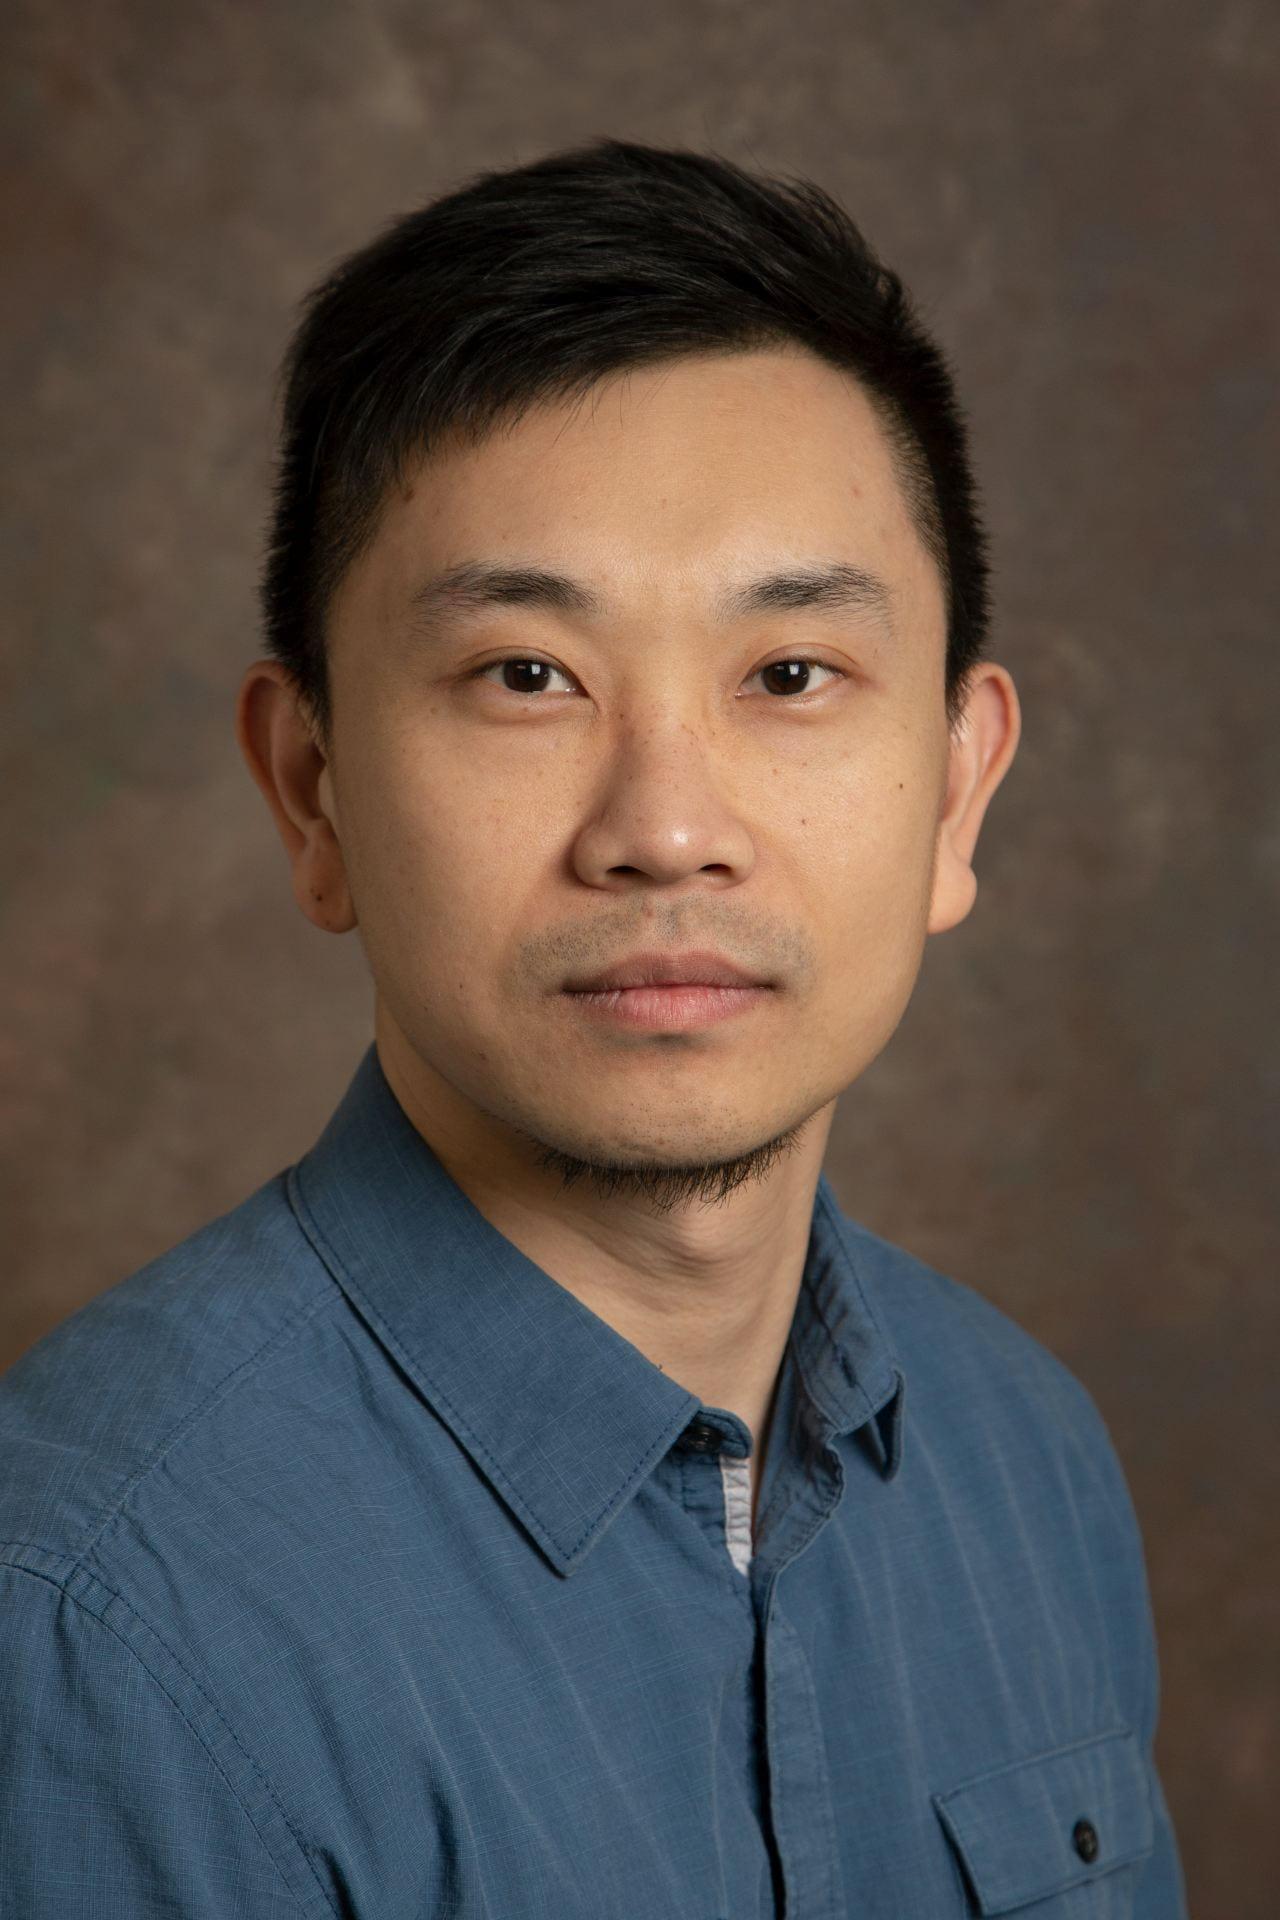 Zhichao (Chao) Wang